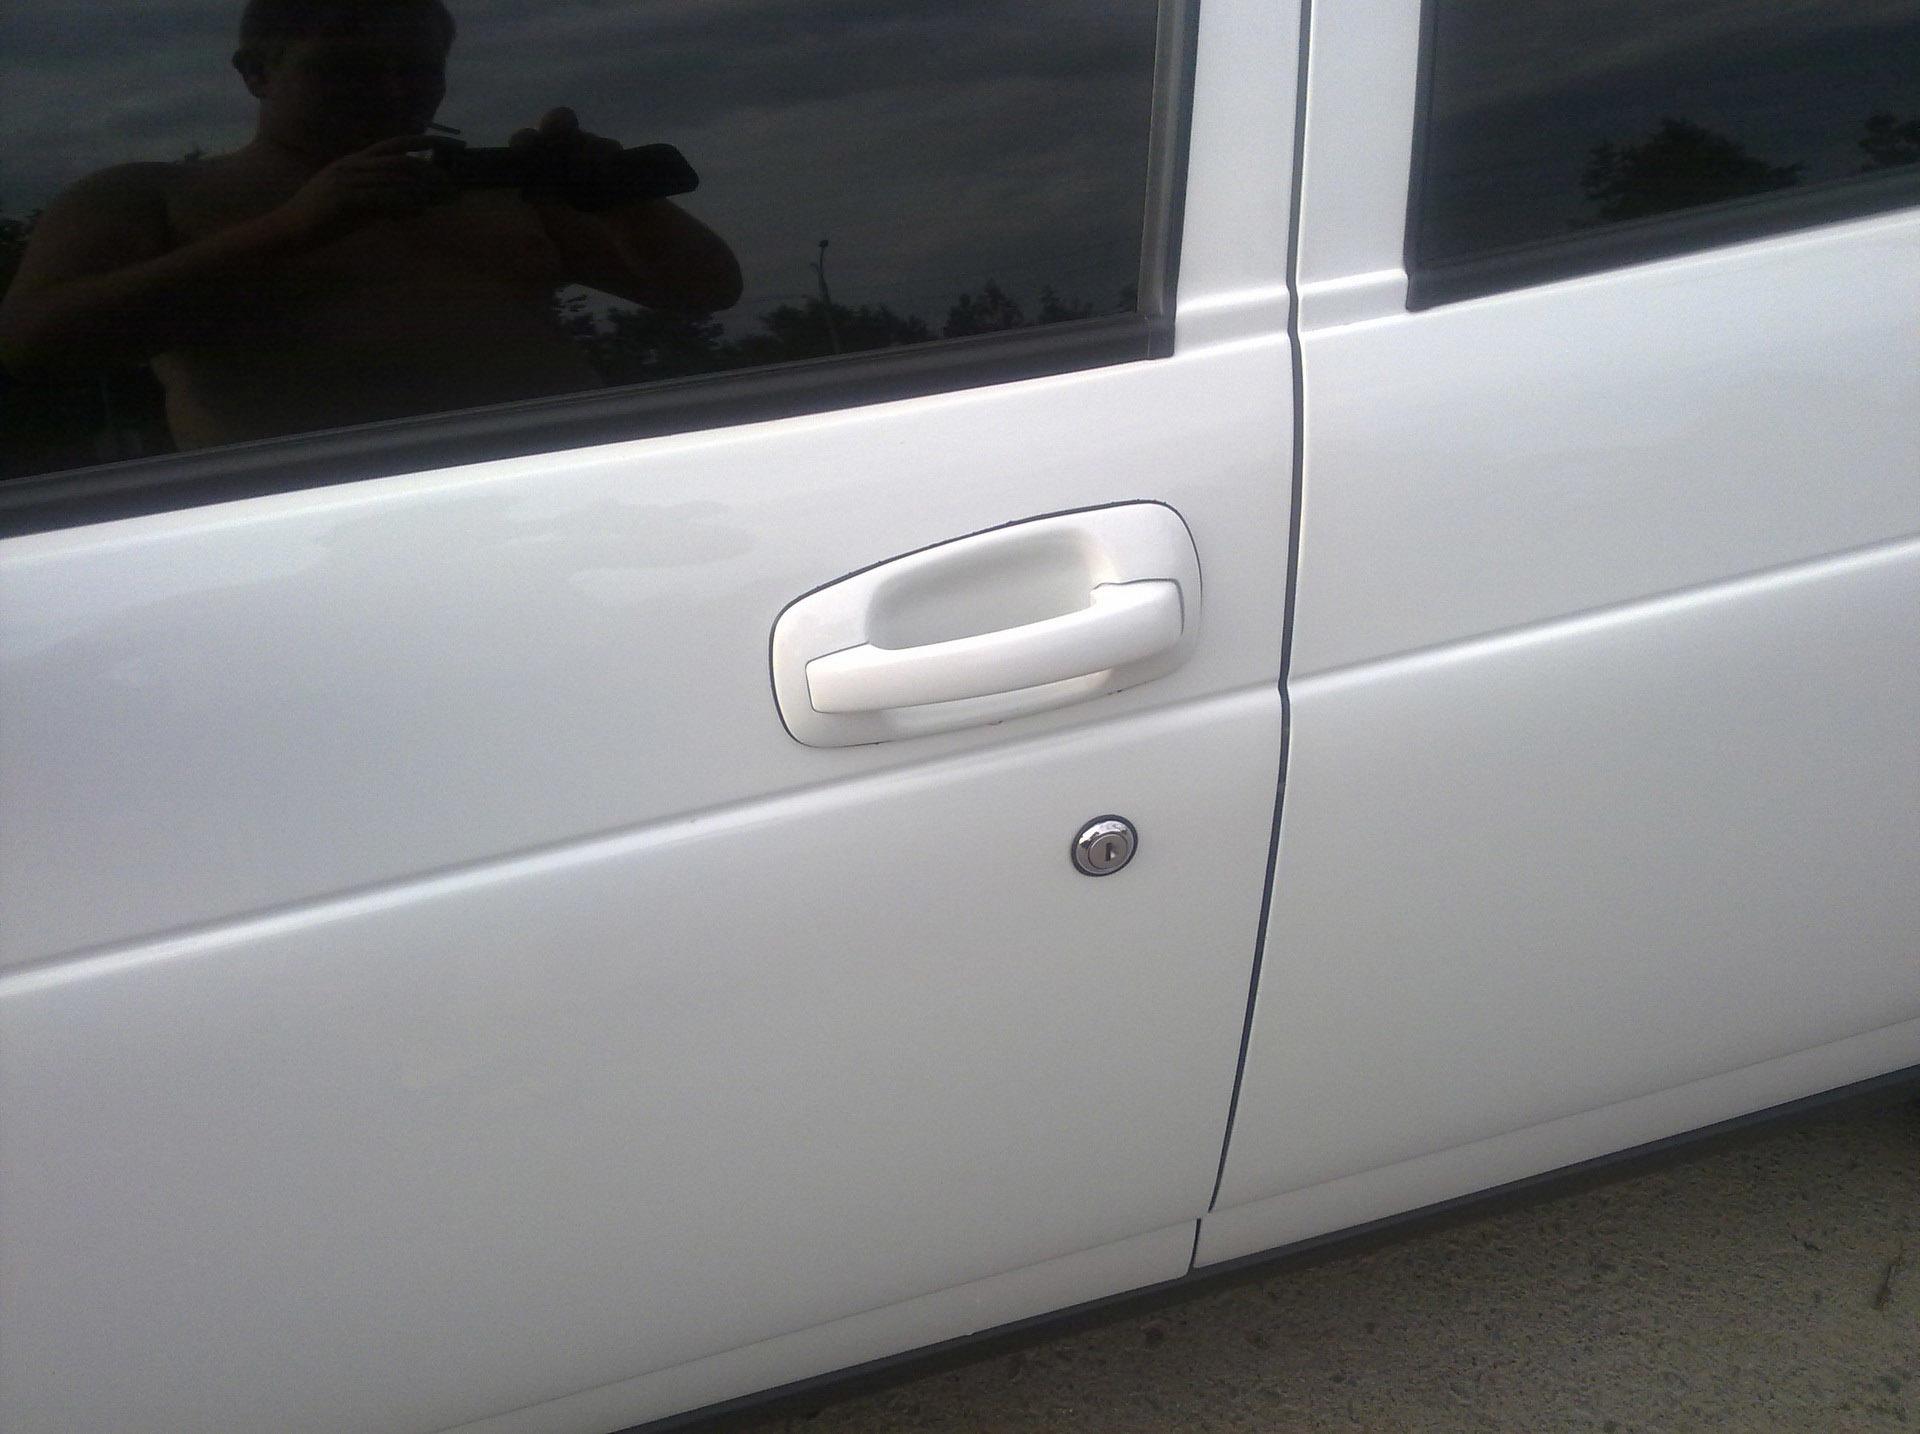 Евроручки дверей на ВАЗ 2110-12, Приора 1, Приора SE